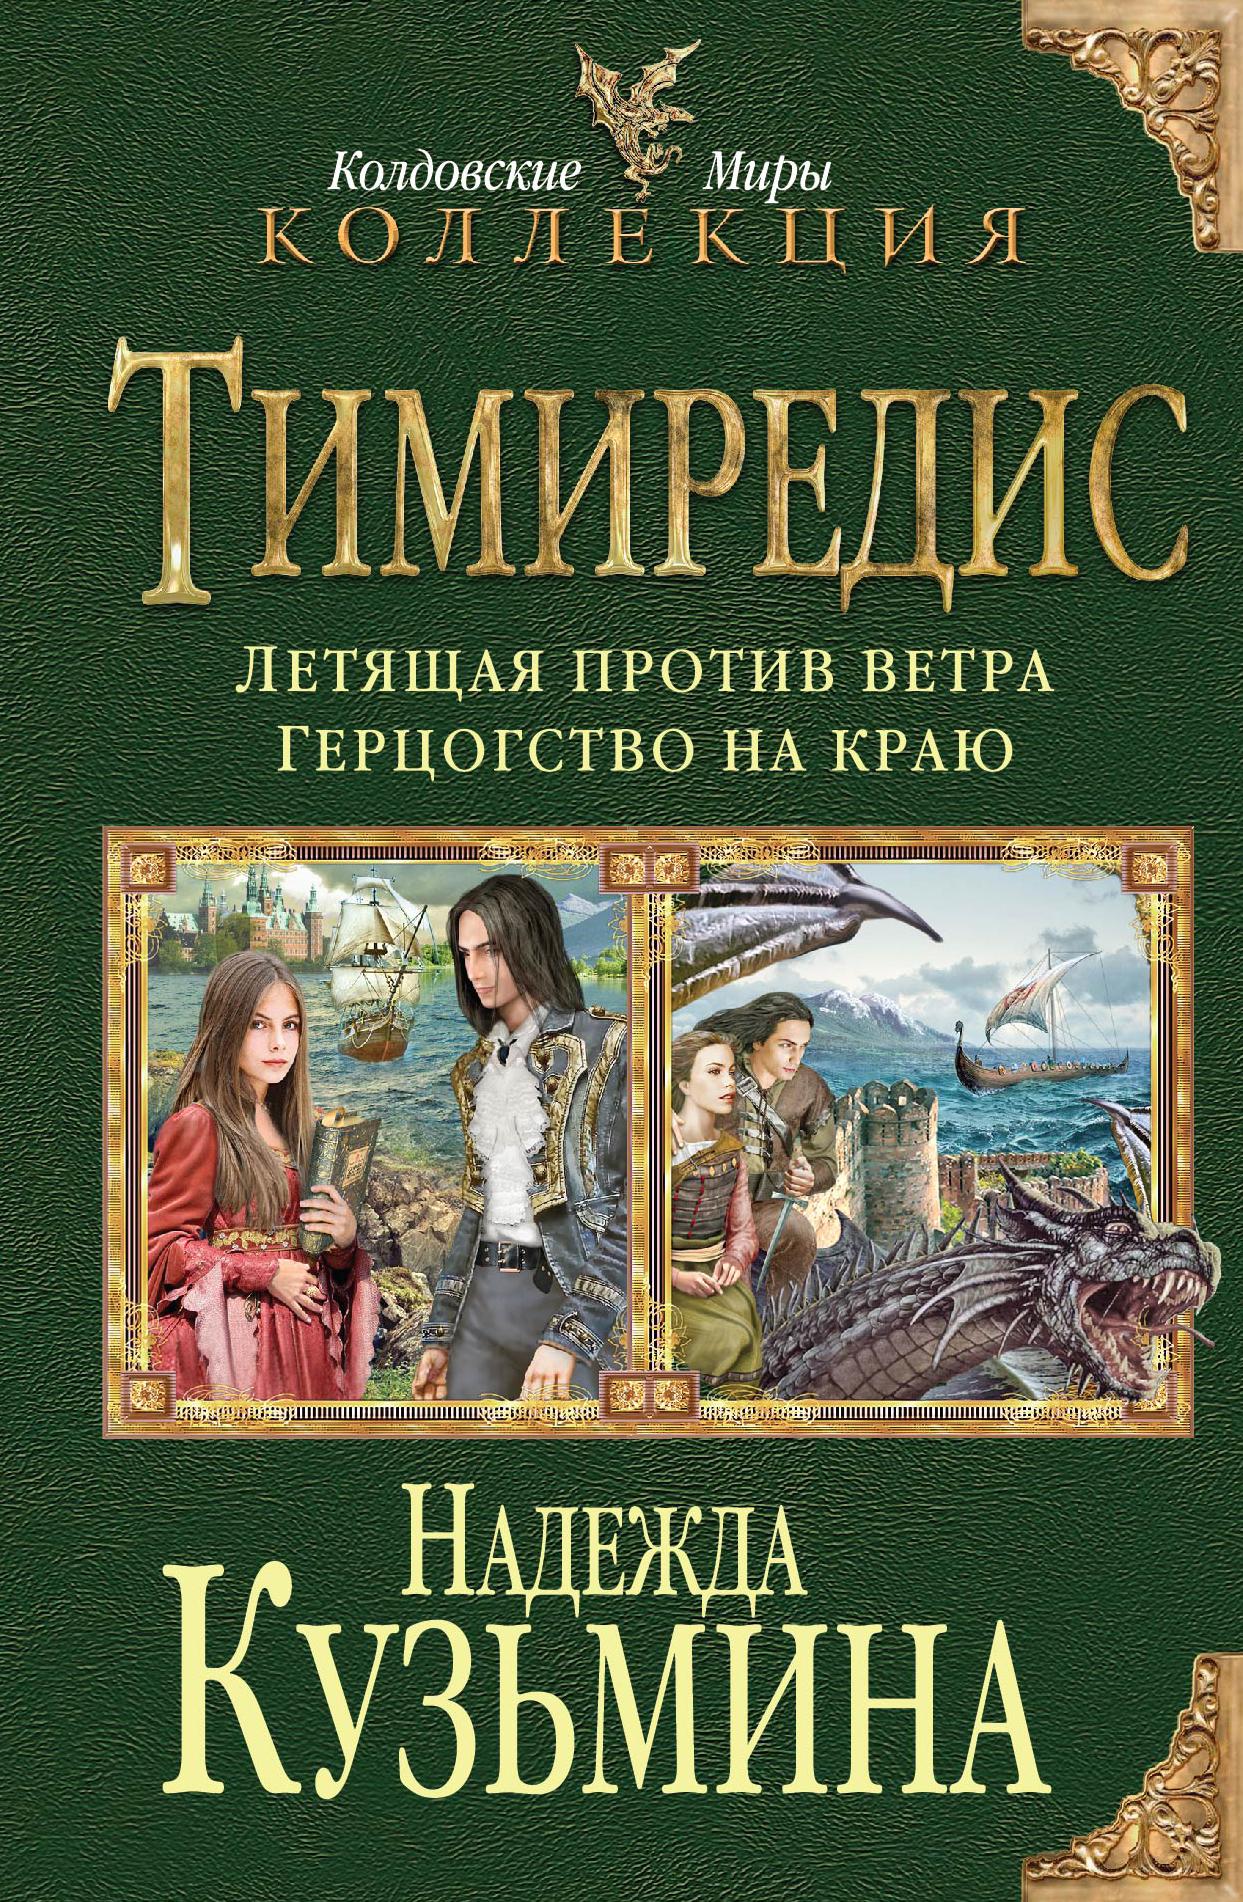 Надежда кузьмина тимиредис 4 книга скачать бесплатно